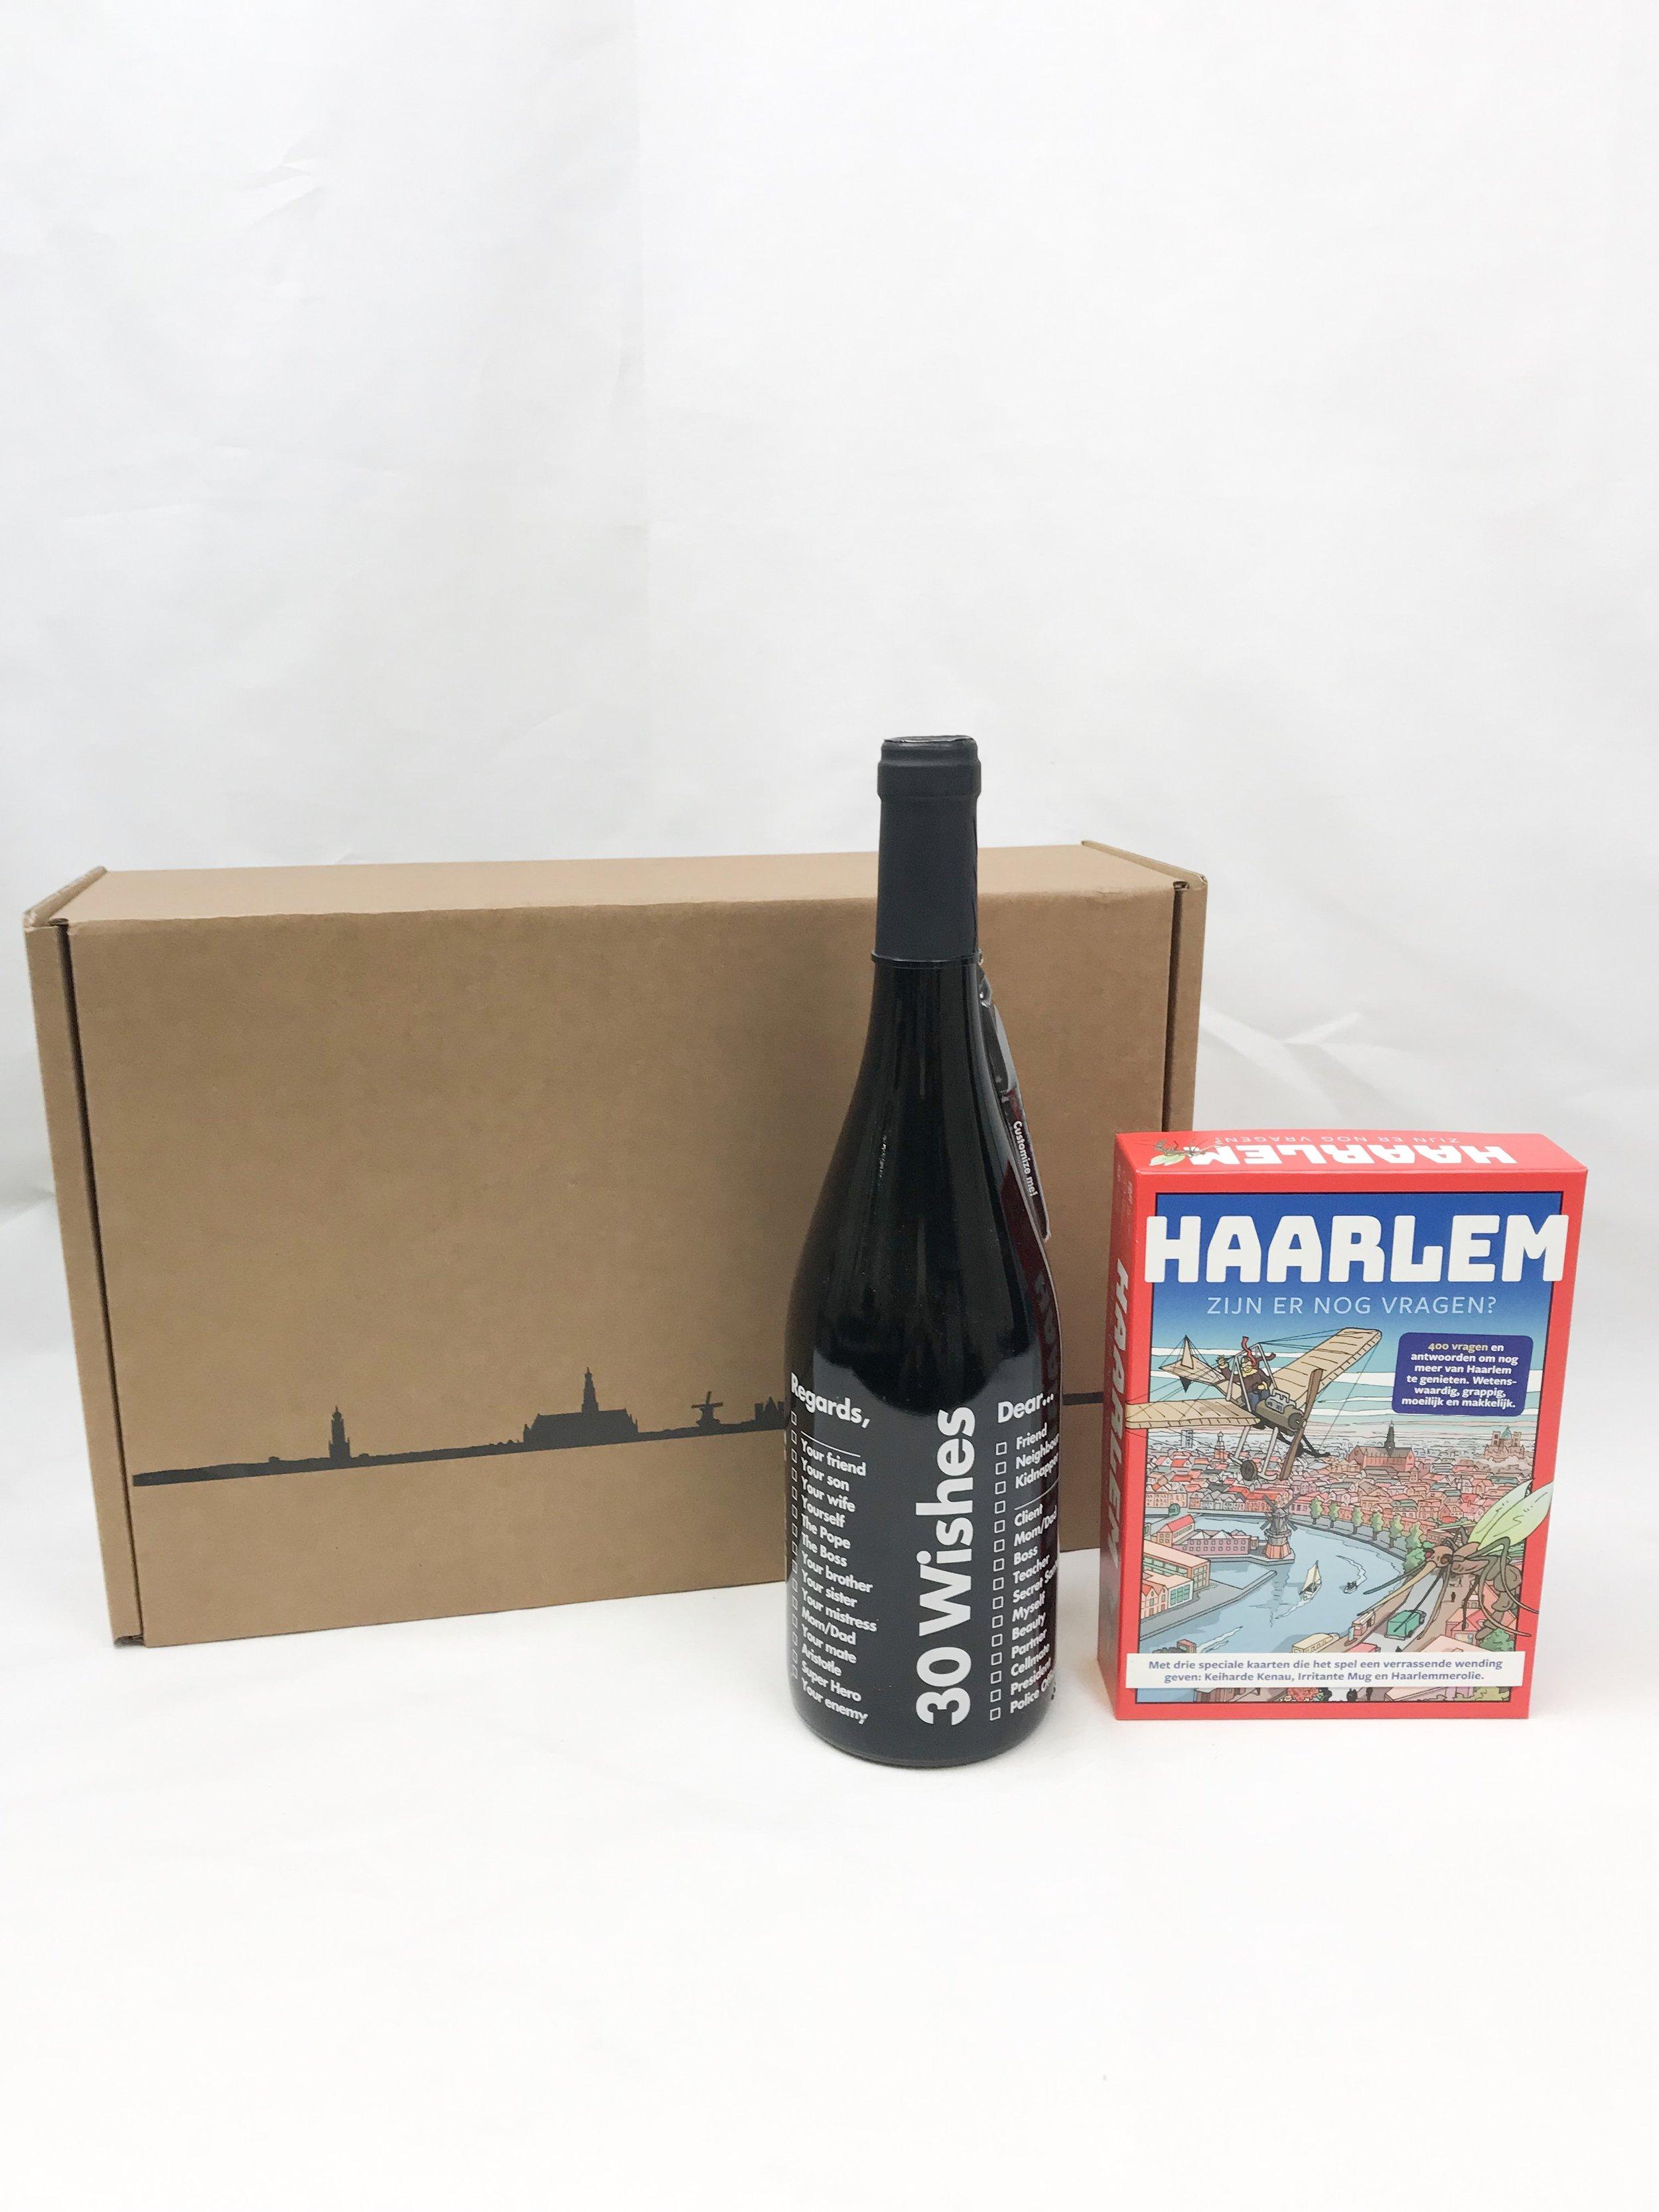 """Maak je op voor een Haarlemse game night met deze leuke set bestaande uit het spel """"Haarlem! Zijn er nog vragen?"""". Het spel bevat maar liefst vierhonderd wetenswaardige, grappige, moeilijke en makkelijke vragen over Haarlem en omgeving. Wie als eerste Haarlem en omgeving verovert, heeft het spel gewonnen. Daarbij krijg je een heerlijke fles 30 Reasons wijn van Neleman."""